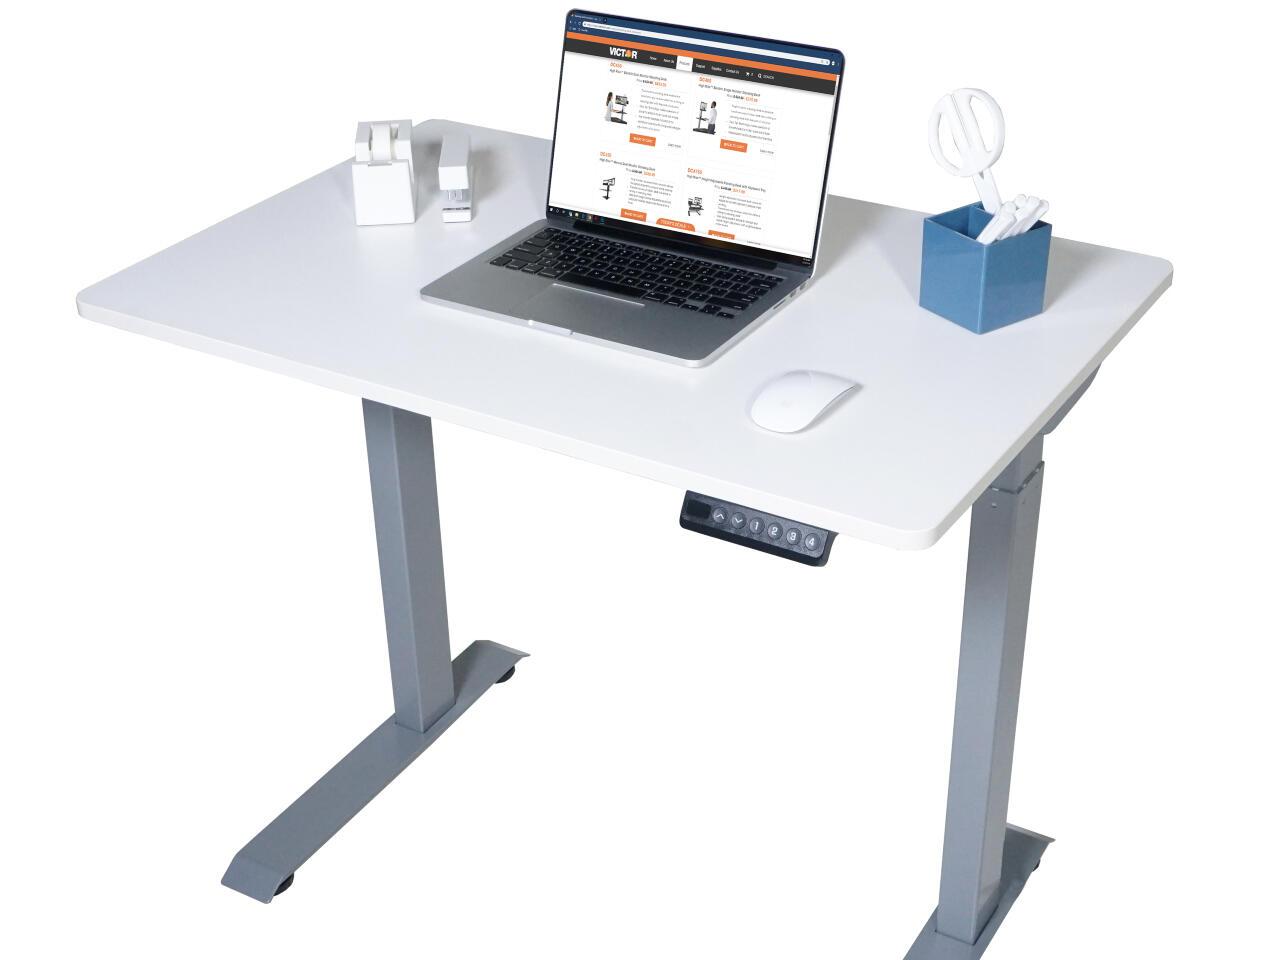 standingdesk.jpg